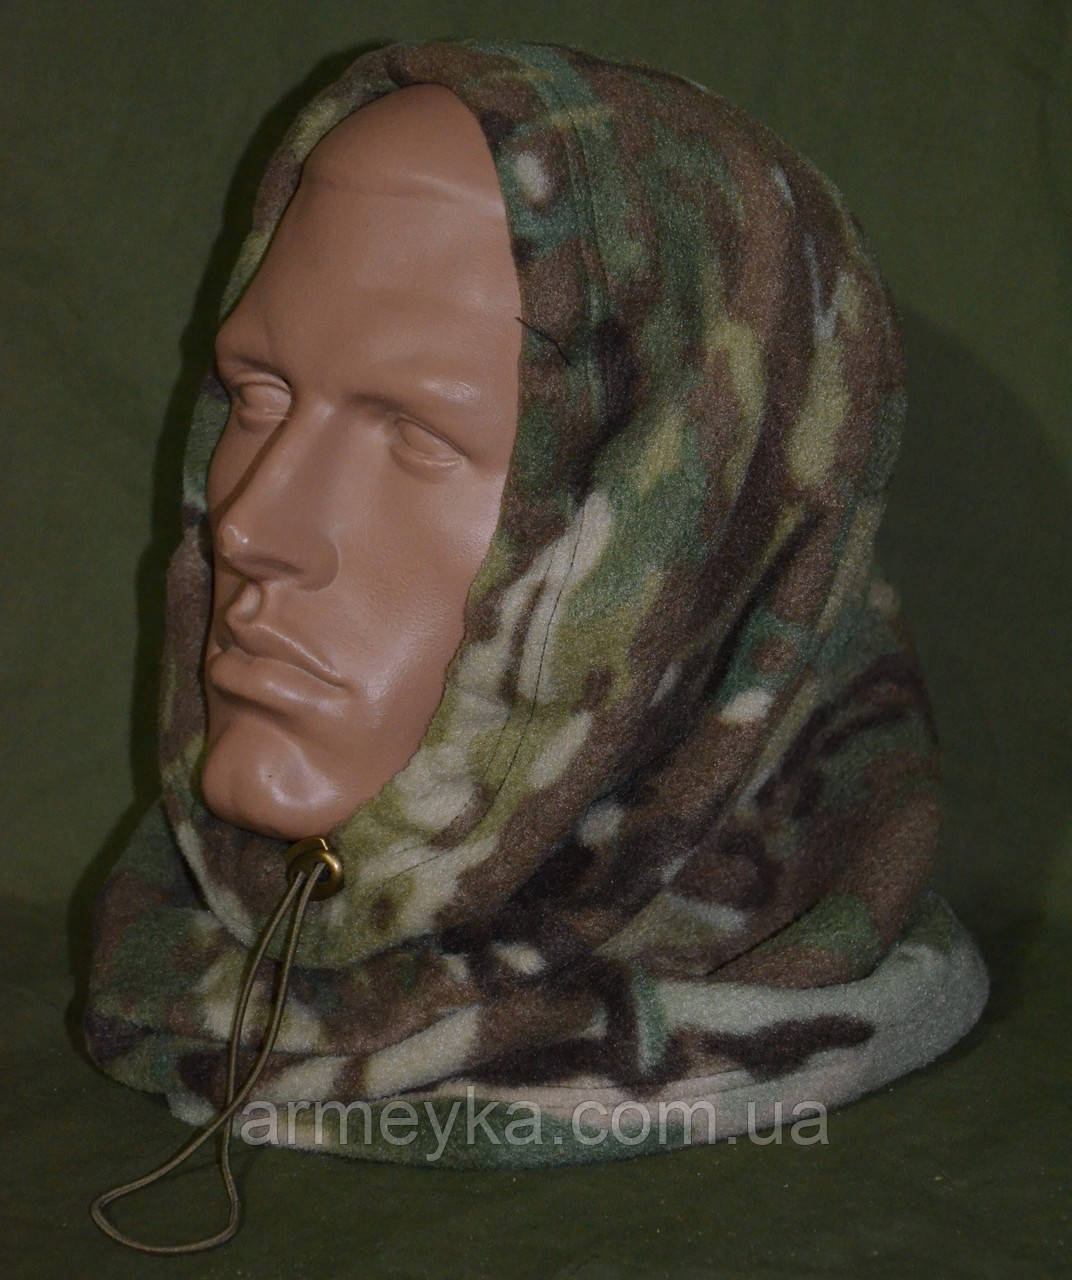 Зимний флисовый БАФ (шарф-труба) в расцветке MTP (multicam). НОВЫЙ, UA.